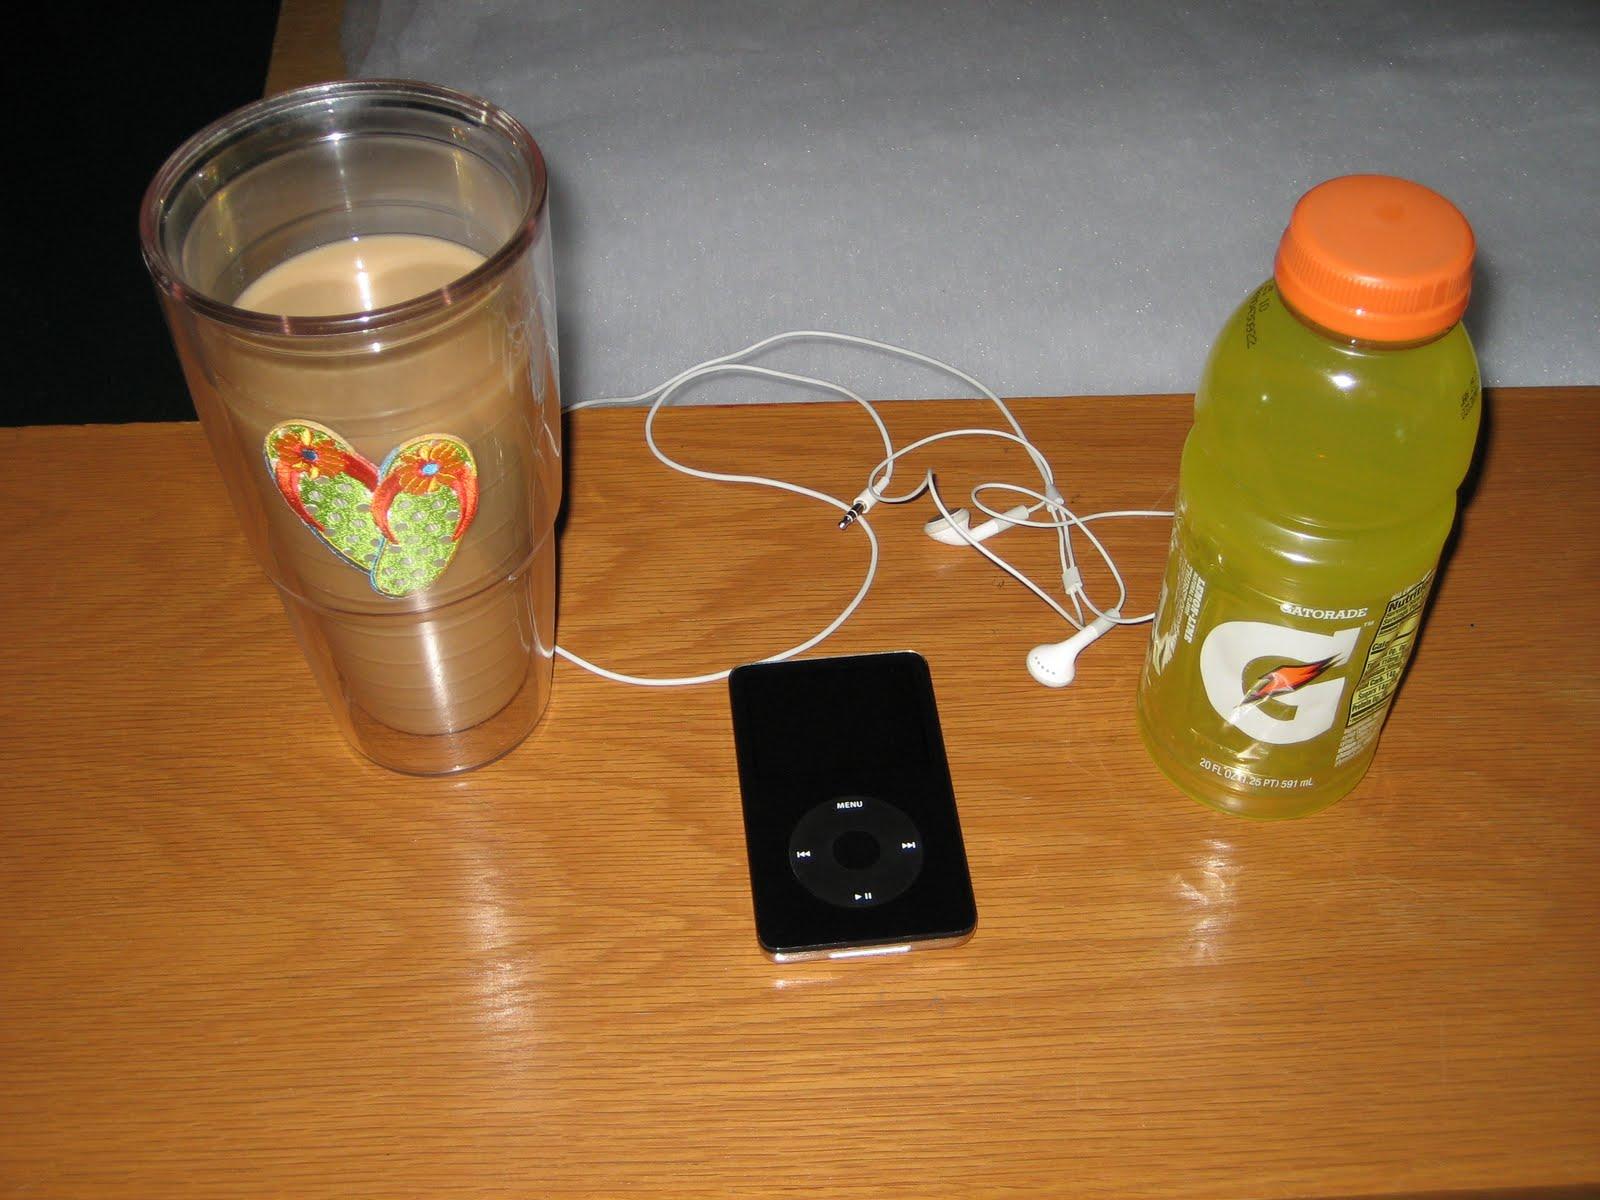 http://3.bp.blogspot.com/_bu8GZRFugQQ/TGQmCBk4GOI/AAAAAAAAAMs/UZ__Um2RLOo/s1600/coffee+gatorade.JPG